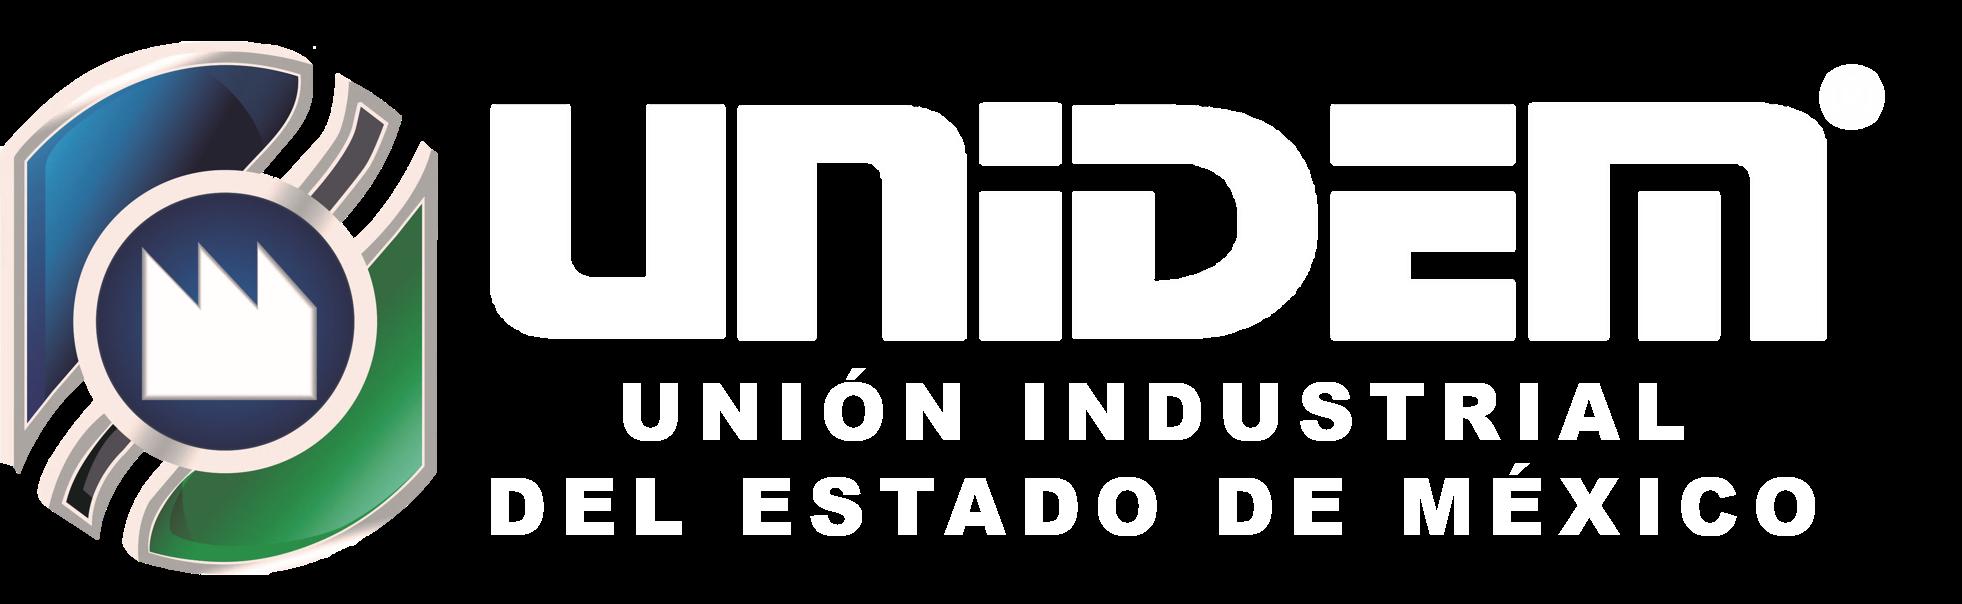 UNIDEM-LOGO-INDUSTRIA-AZUL-CLARO-NUEVO-ALINEADO-AL-CENTRO-BLACO1